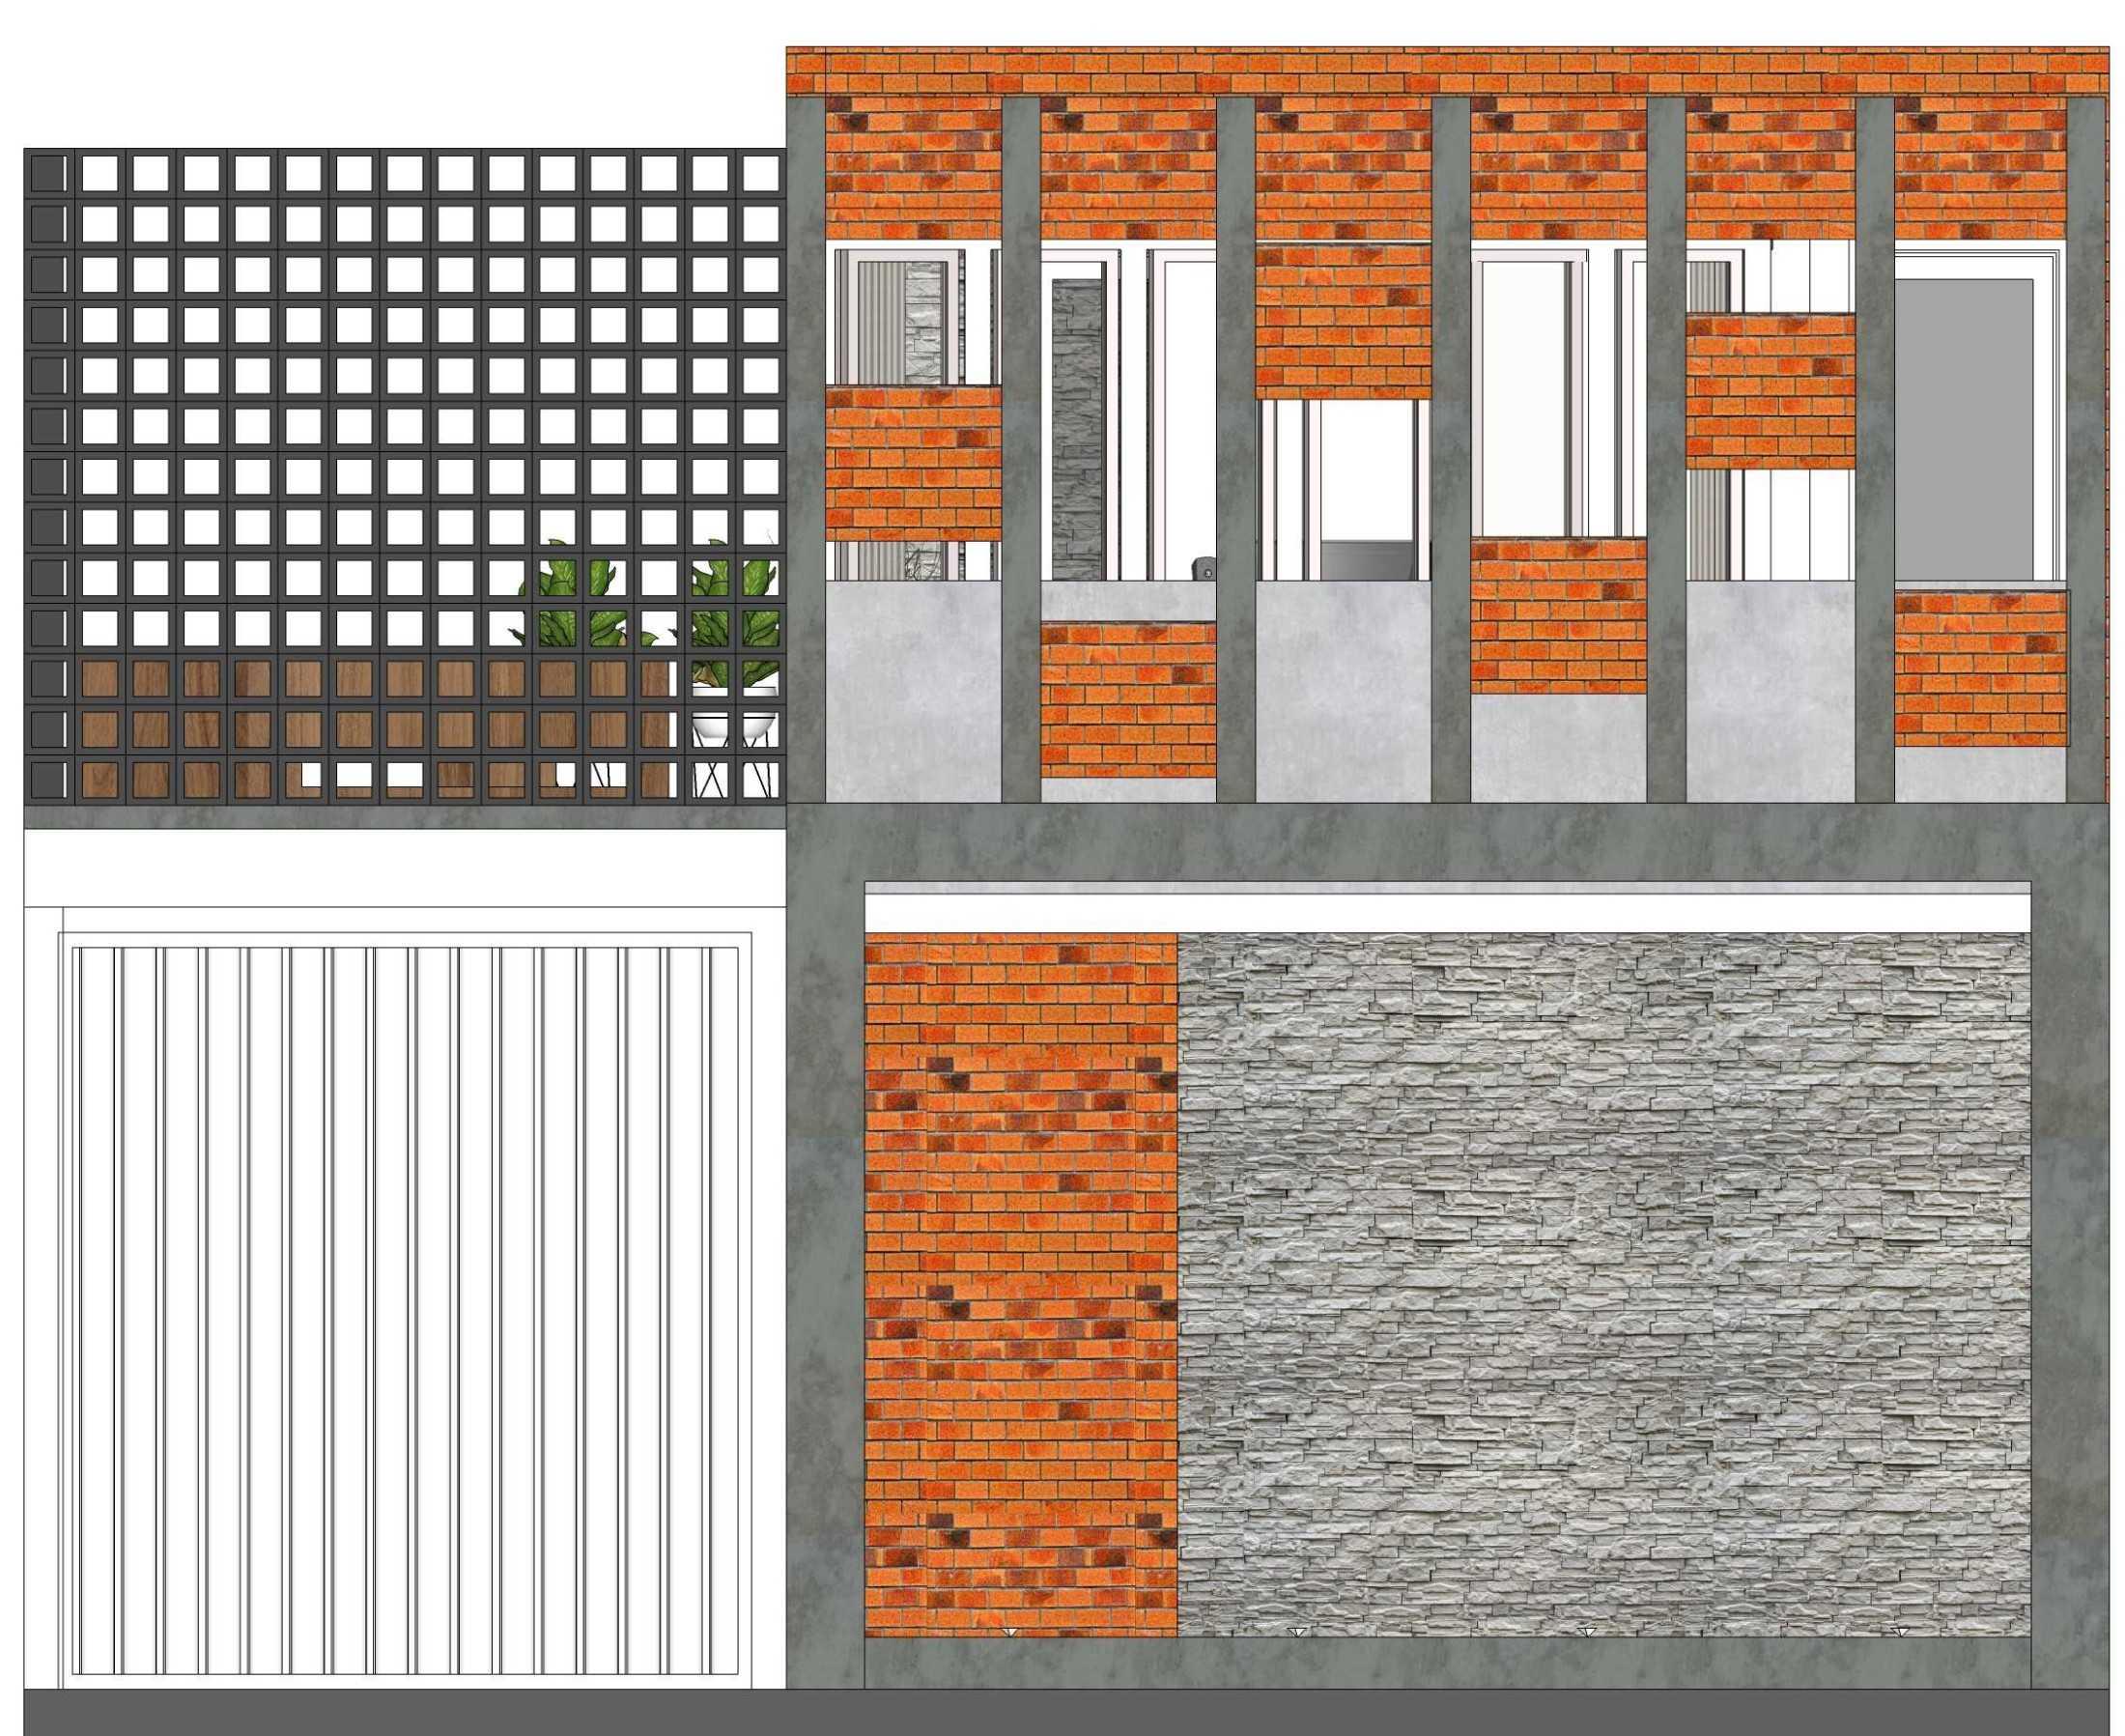 Astabumi Studio Omah Taman Singgah Tegal Tegal, Kota Tegal, Jawa Tengah, Indonesia Tegal, Kota Tegal, Jawa Tengah, Indonesia Astabumi-Architect-Interior-Design-Omah-Taman-Singgah-Tegal  84116